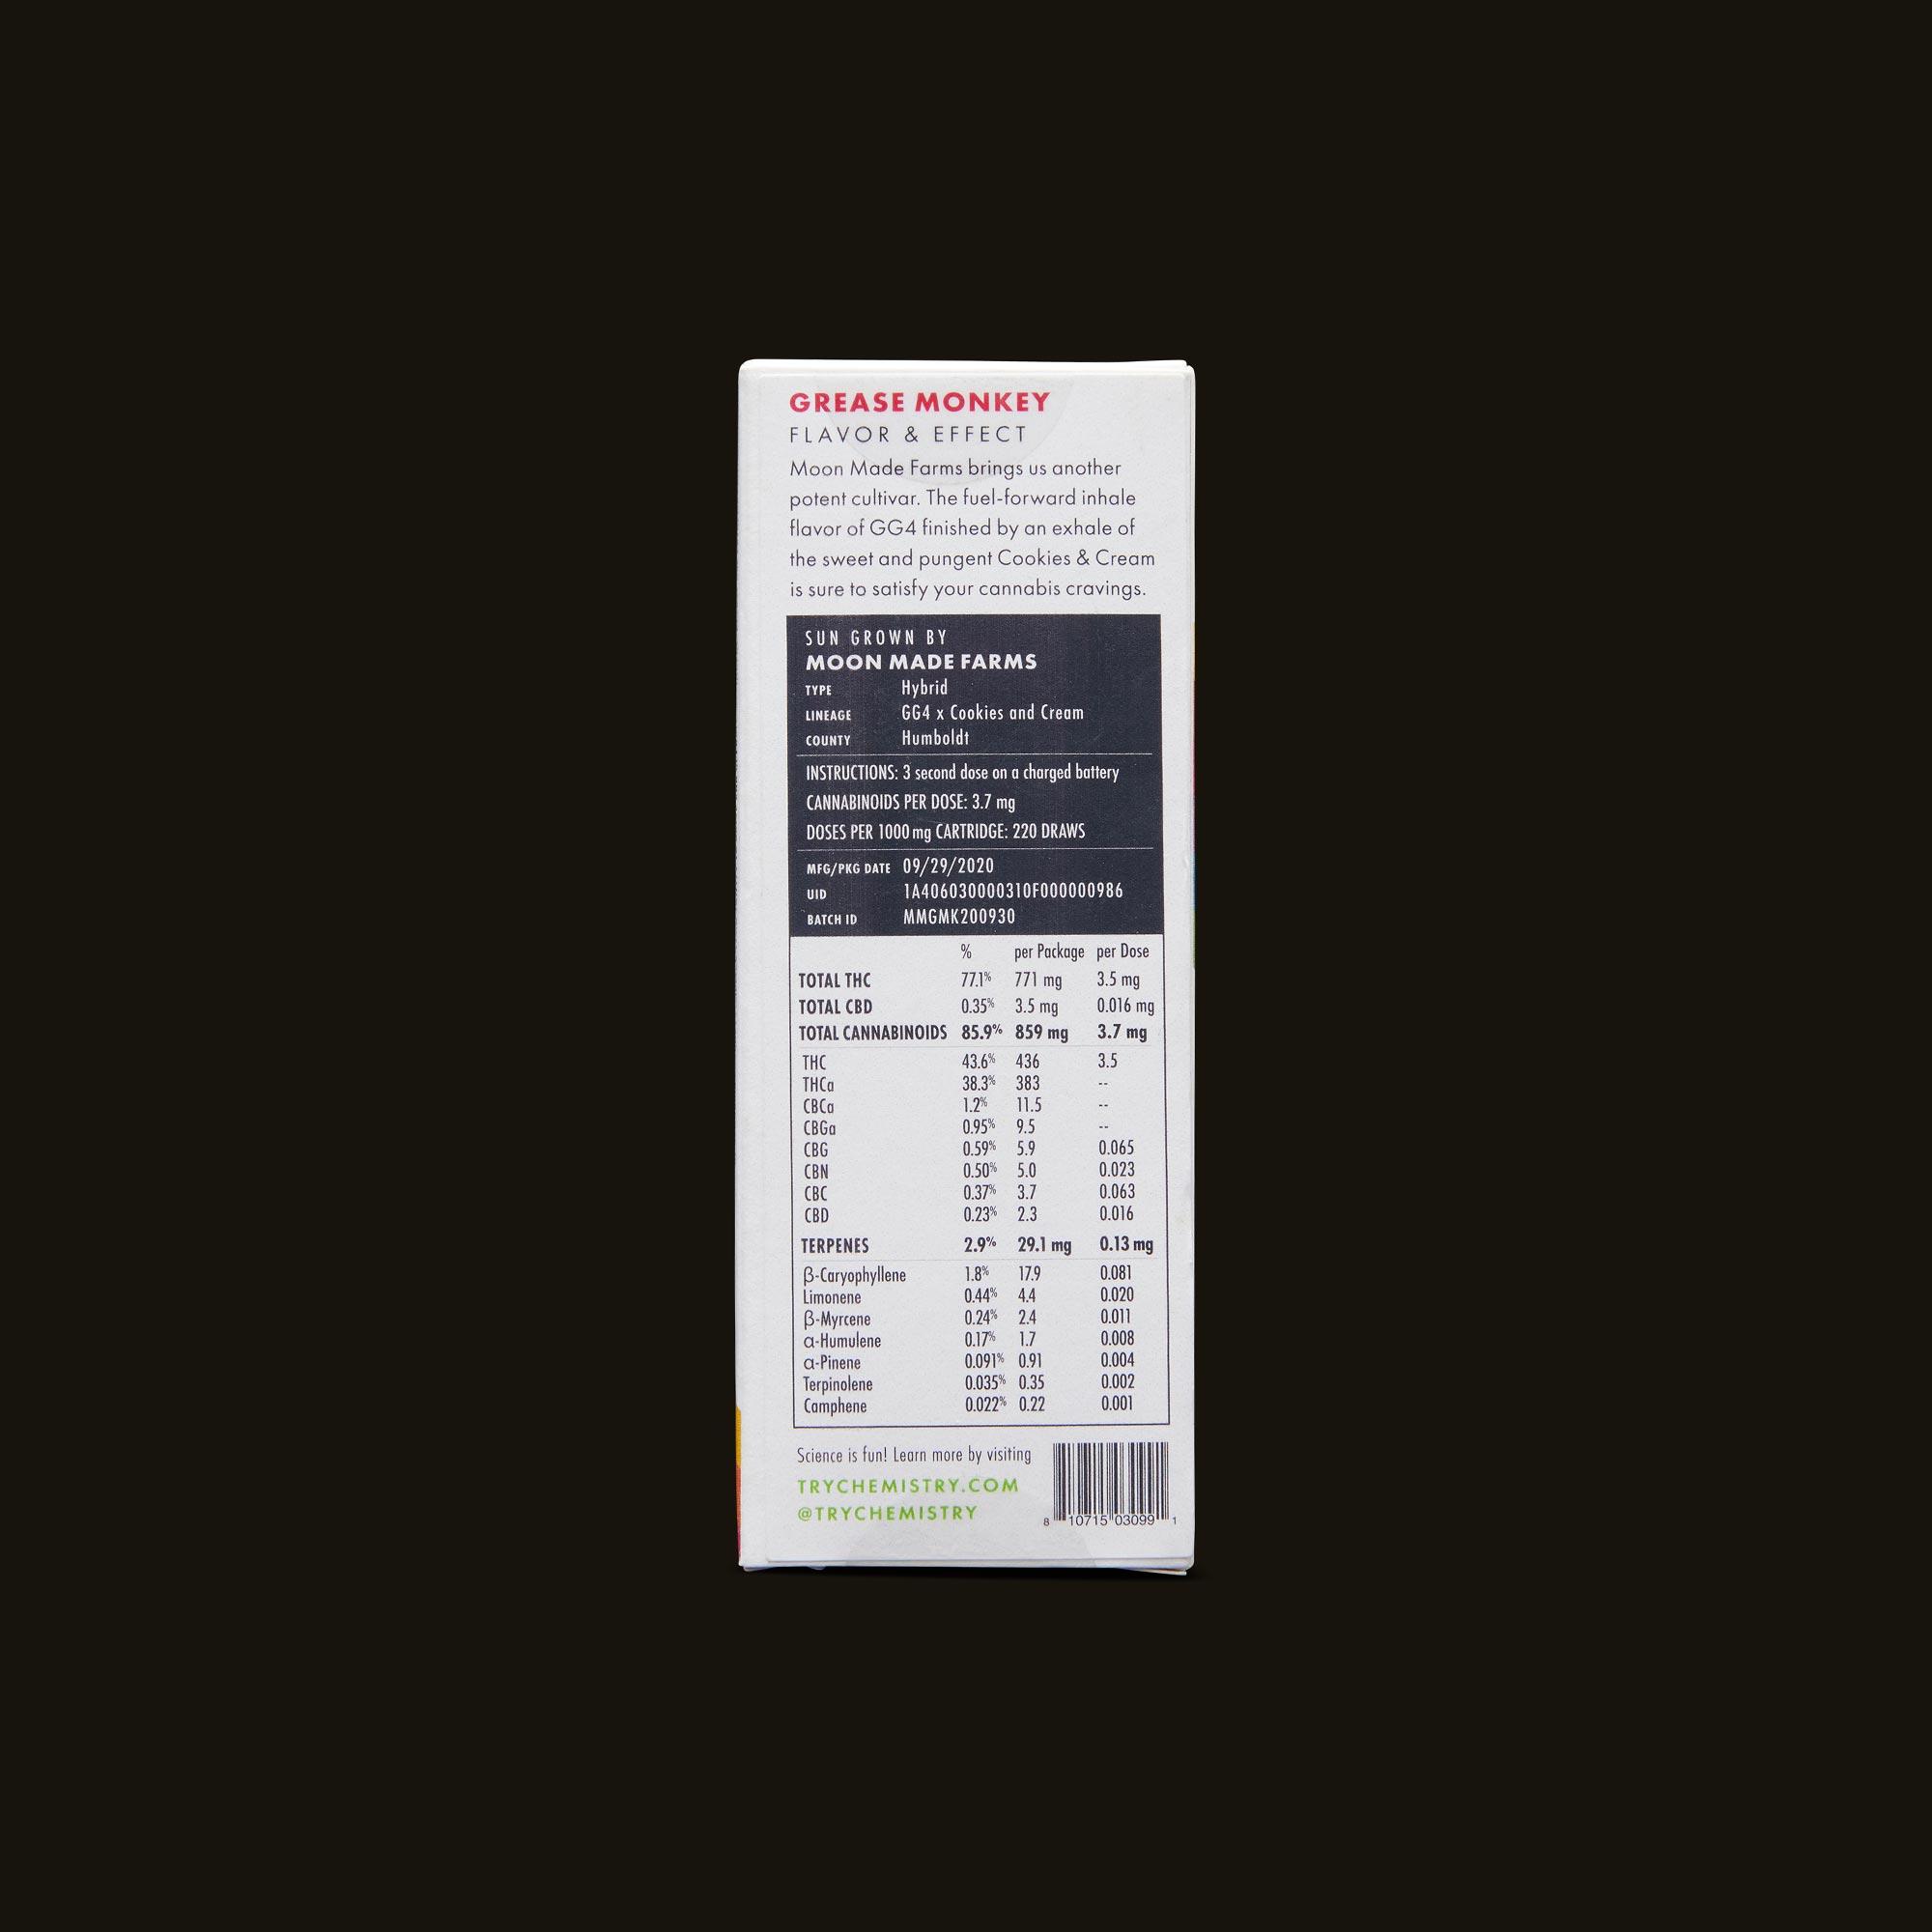 Chemistry Grease Monkey Cartridge Ingredients